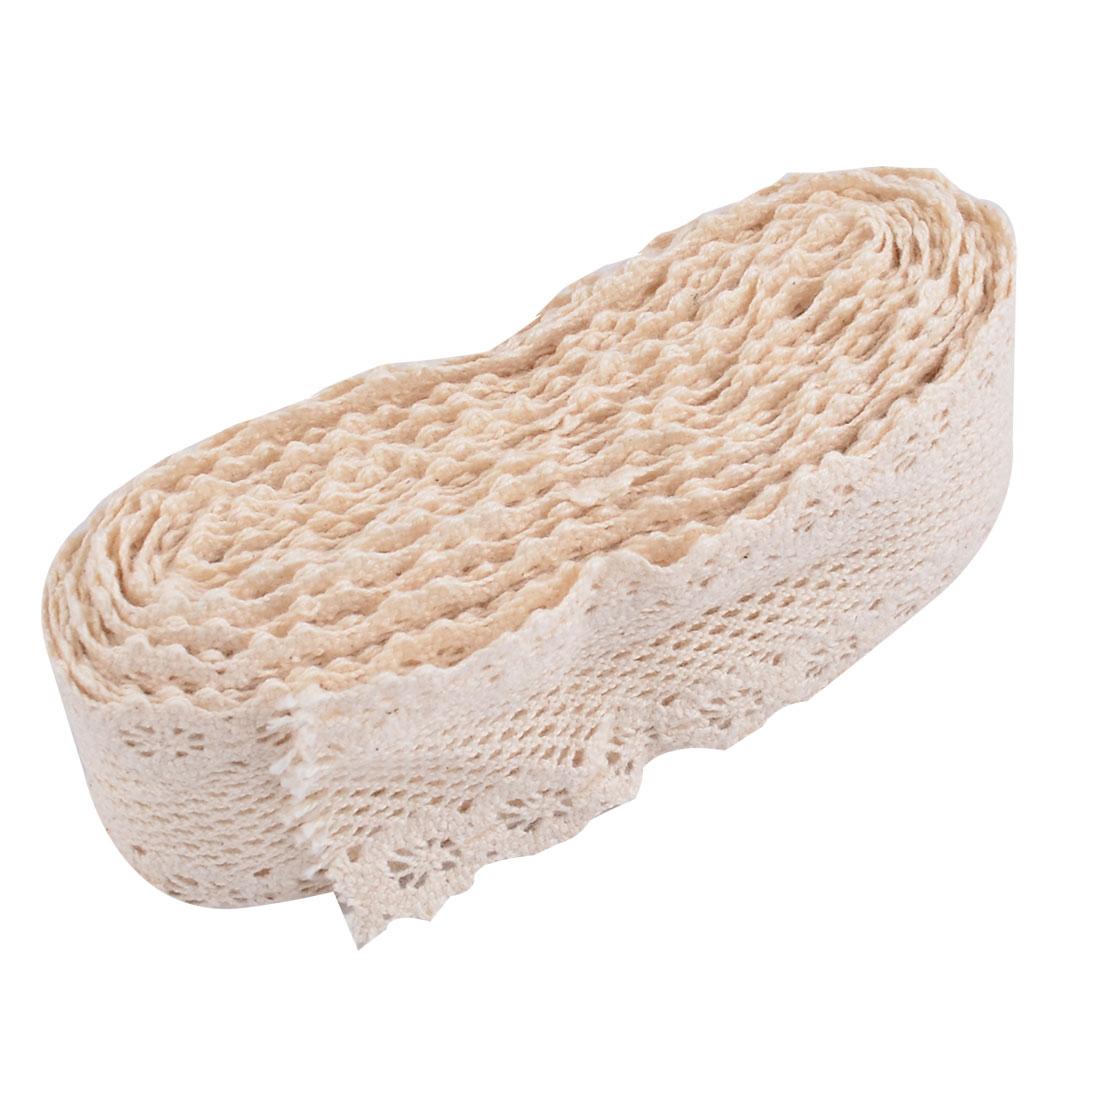 Party Cotton Blends DIY Craft Neckline Decor Lace Trim Applique 1.6 Inches Width